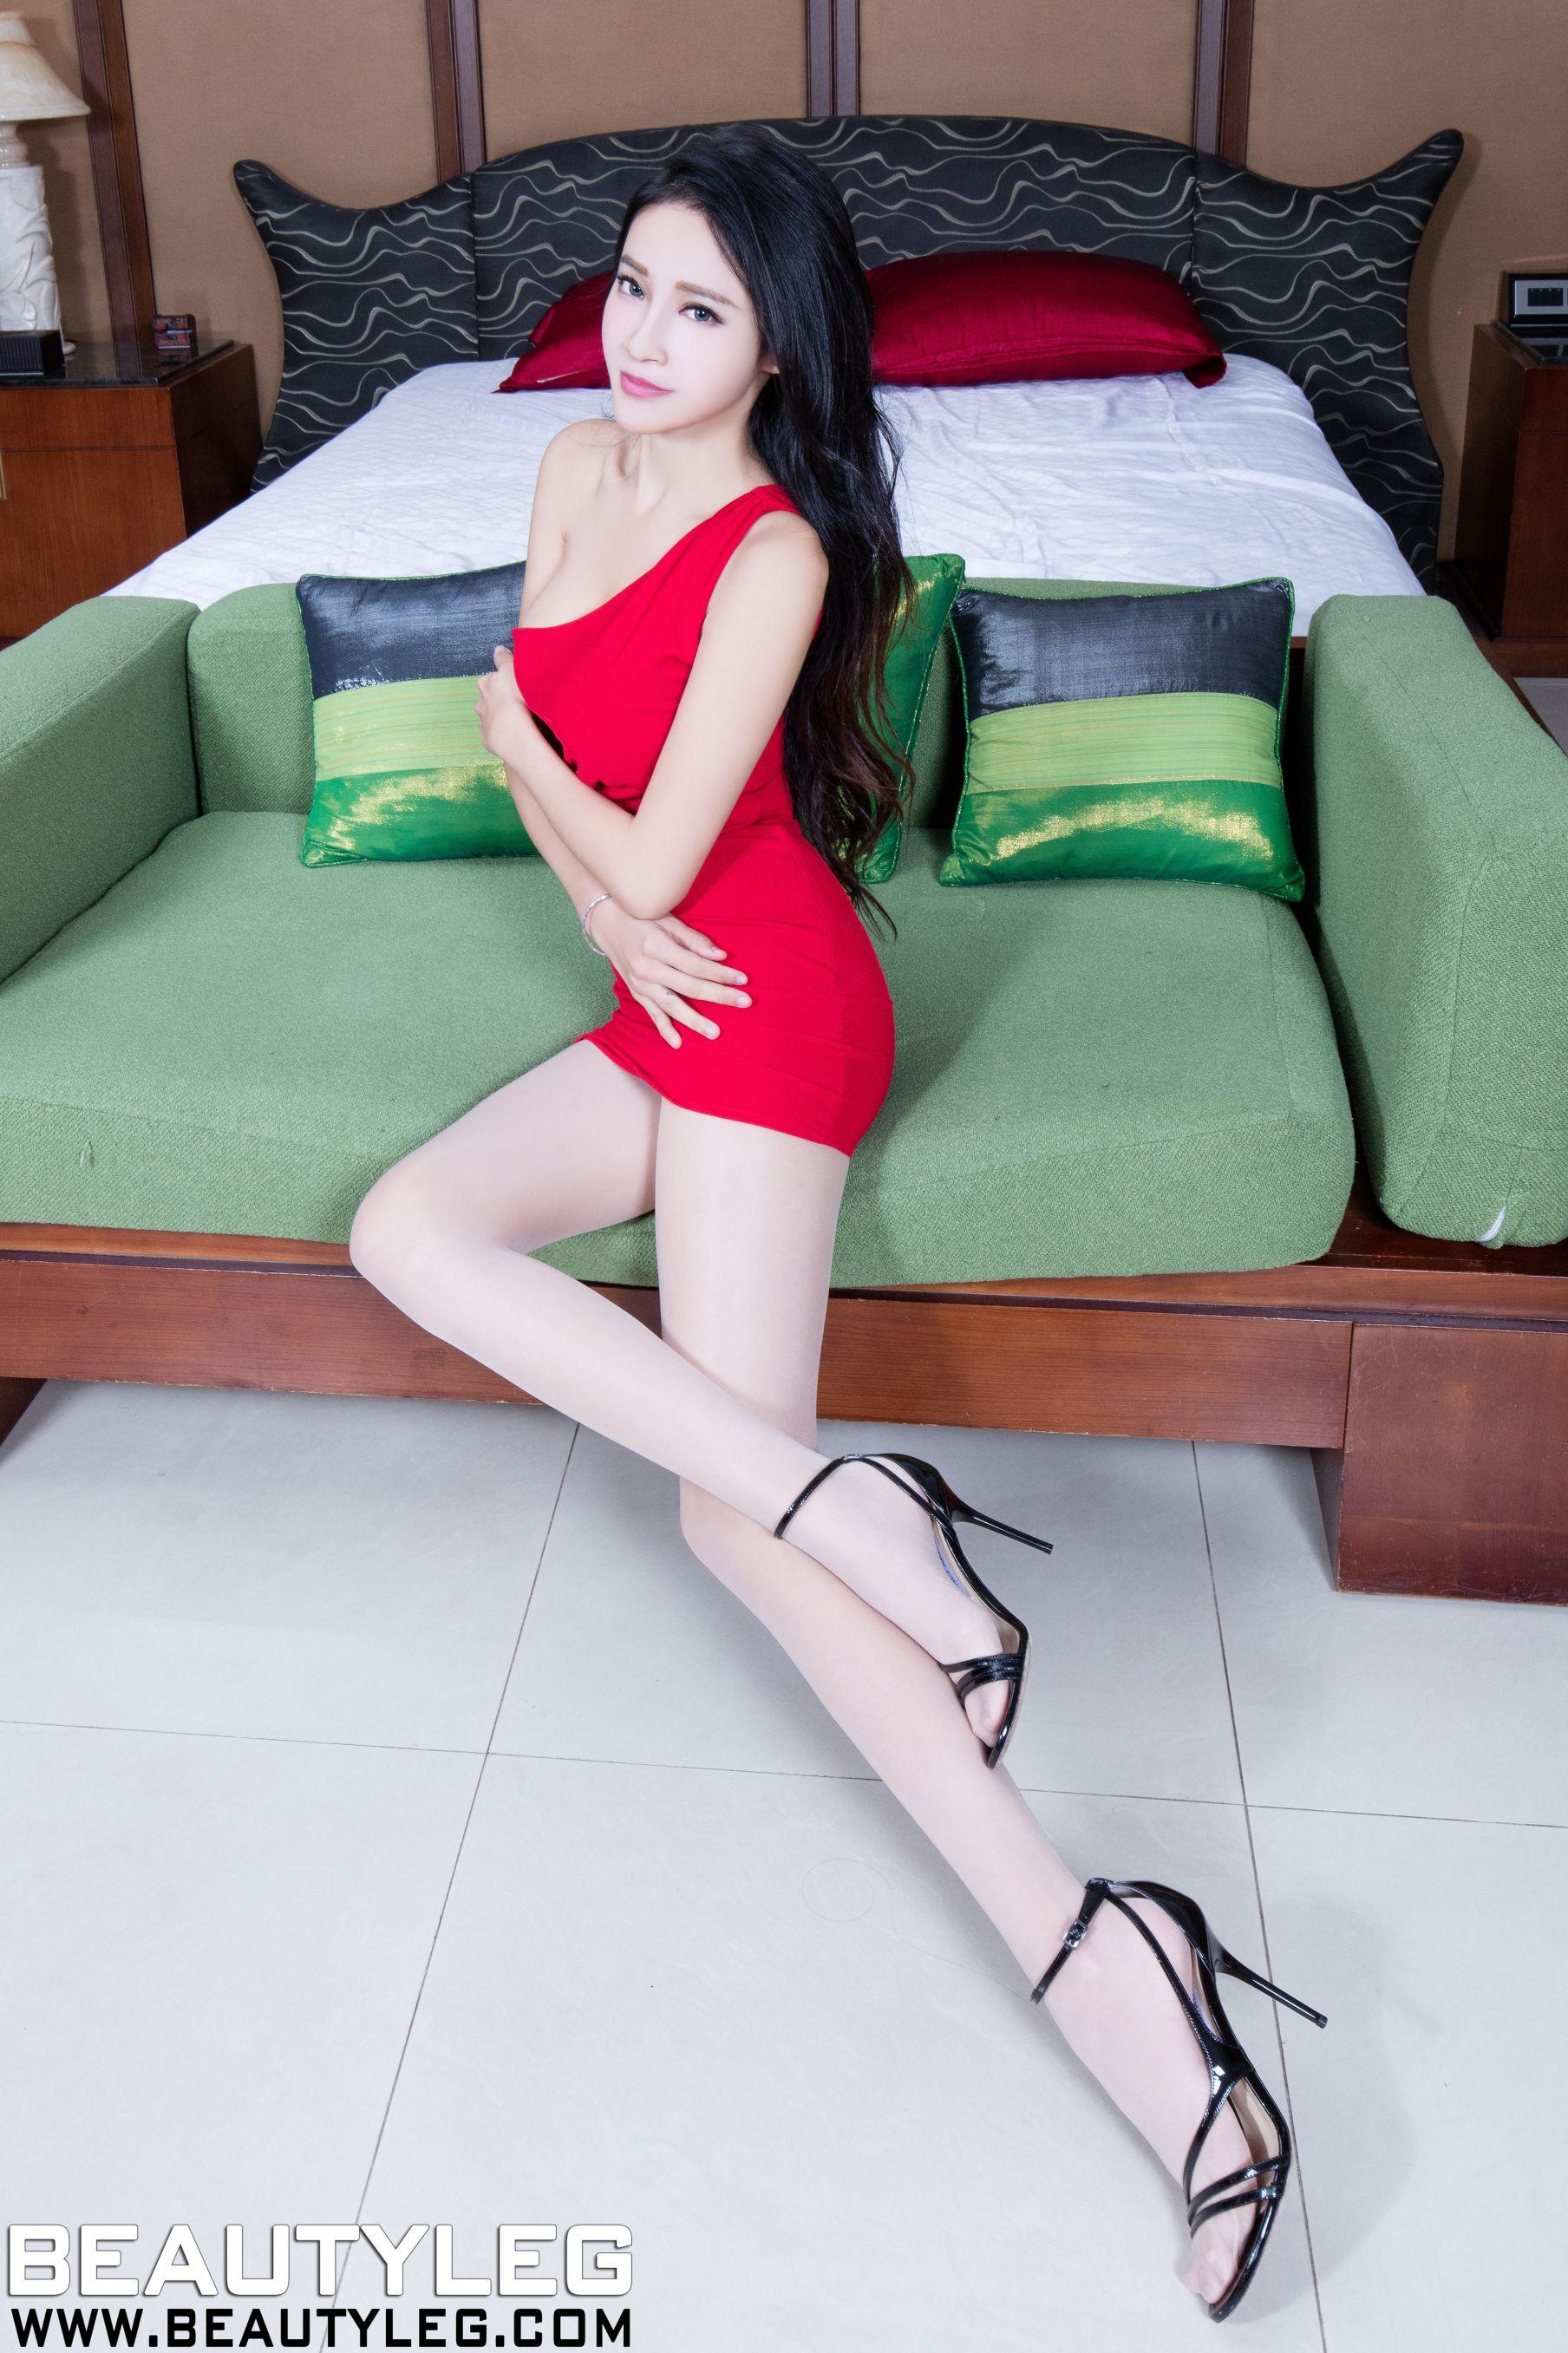 VOL.1792 [Beautyleg]丝袜美女美腿肉丝袜:詹艾葳(腿模Avril,腿模Arvil)超高清个人性感漂亮大图(56P)